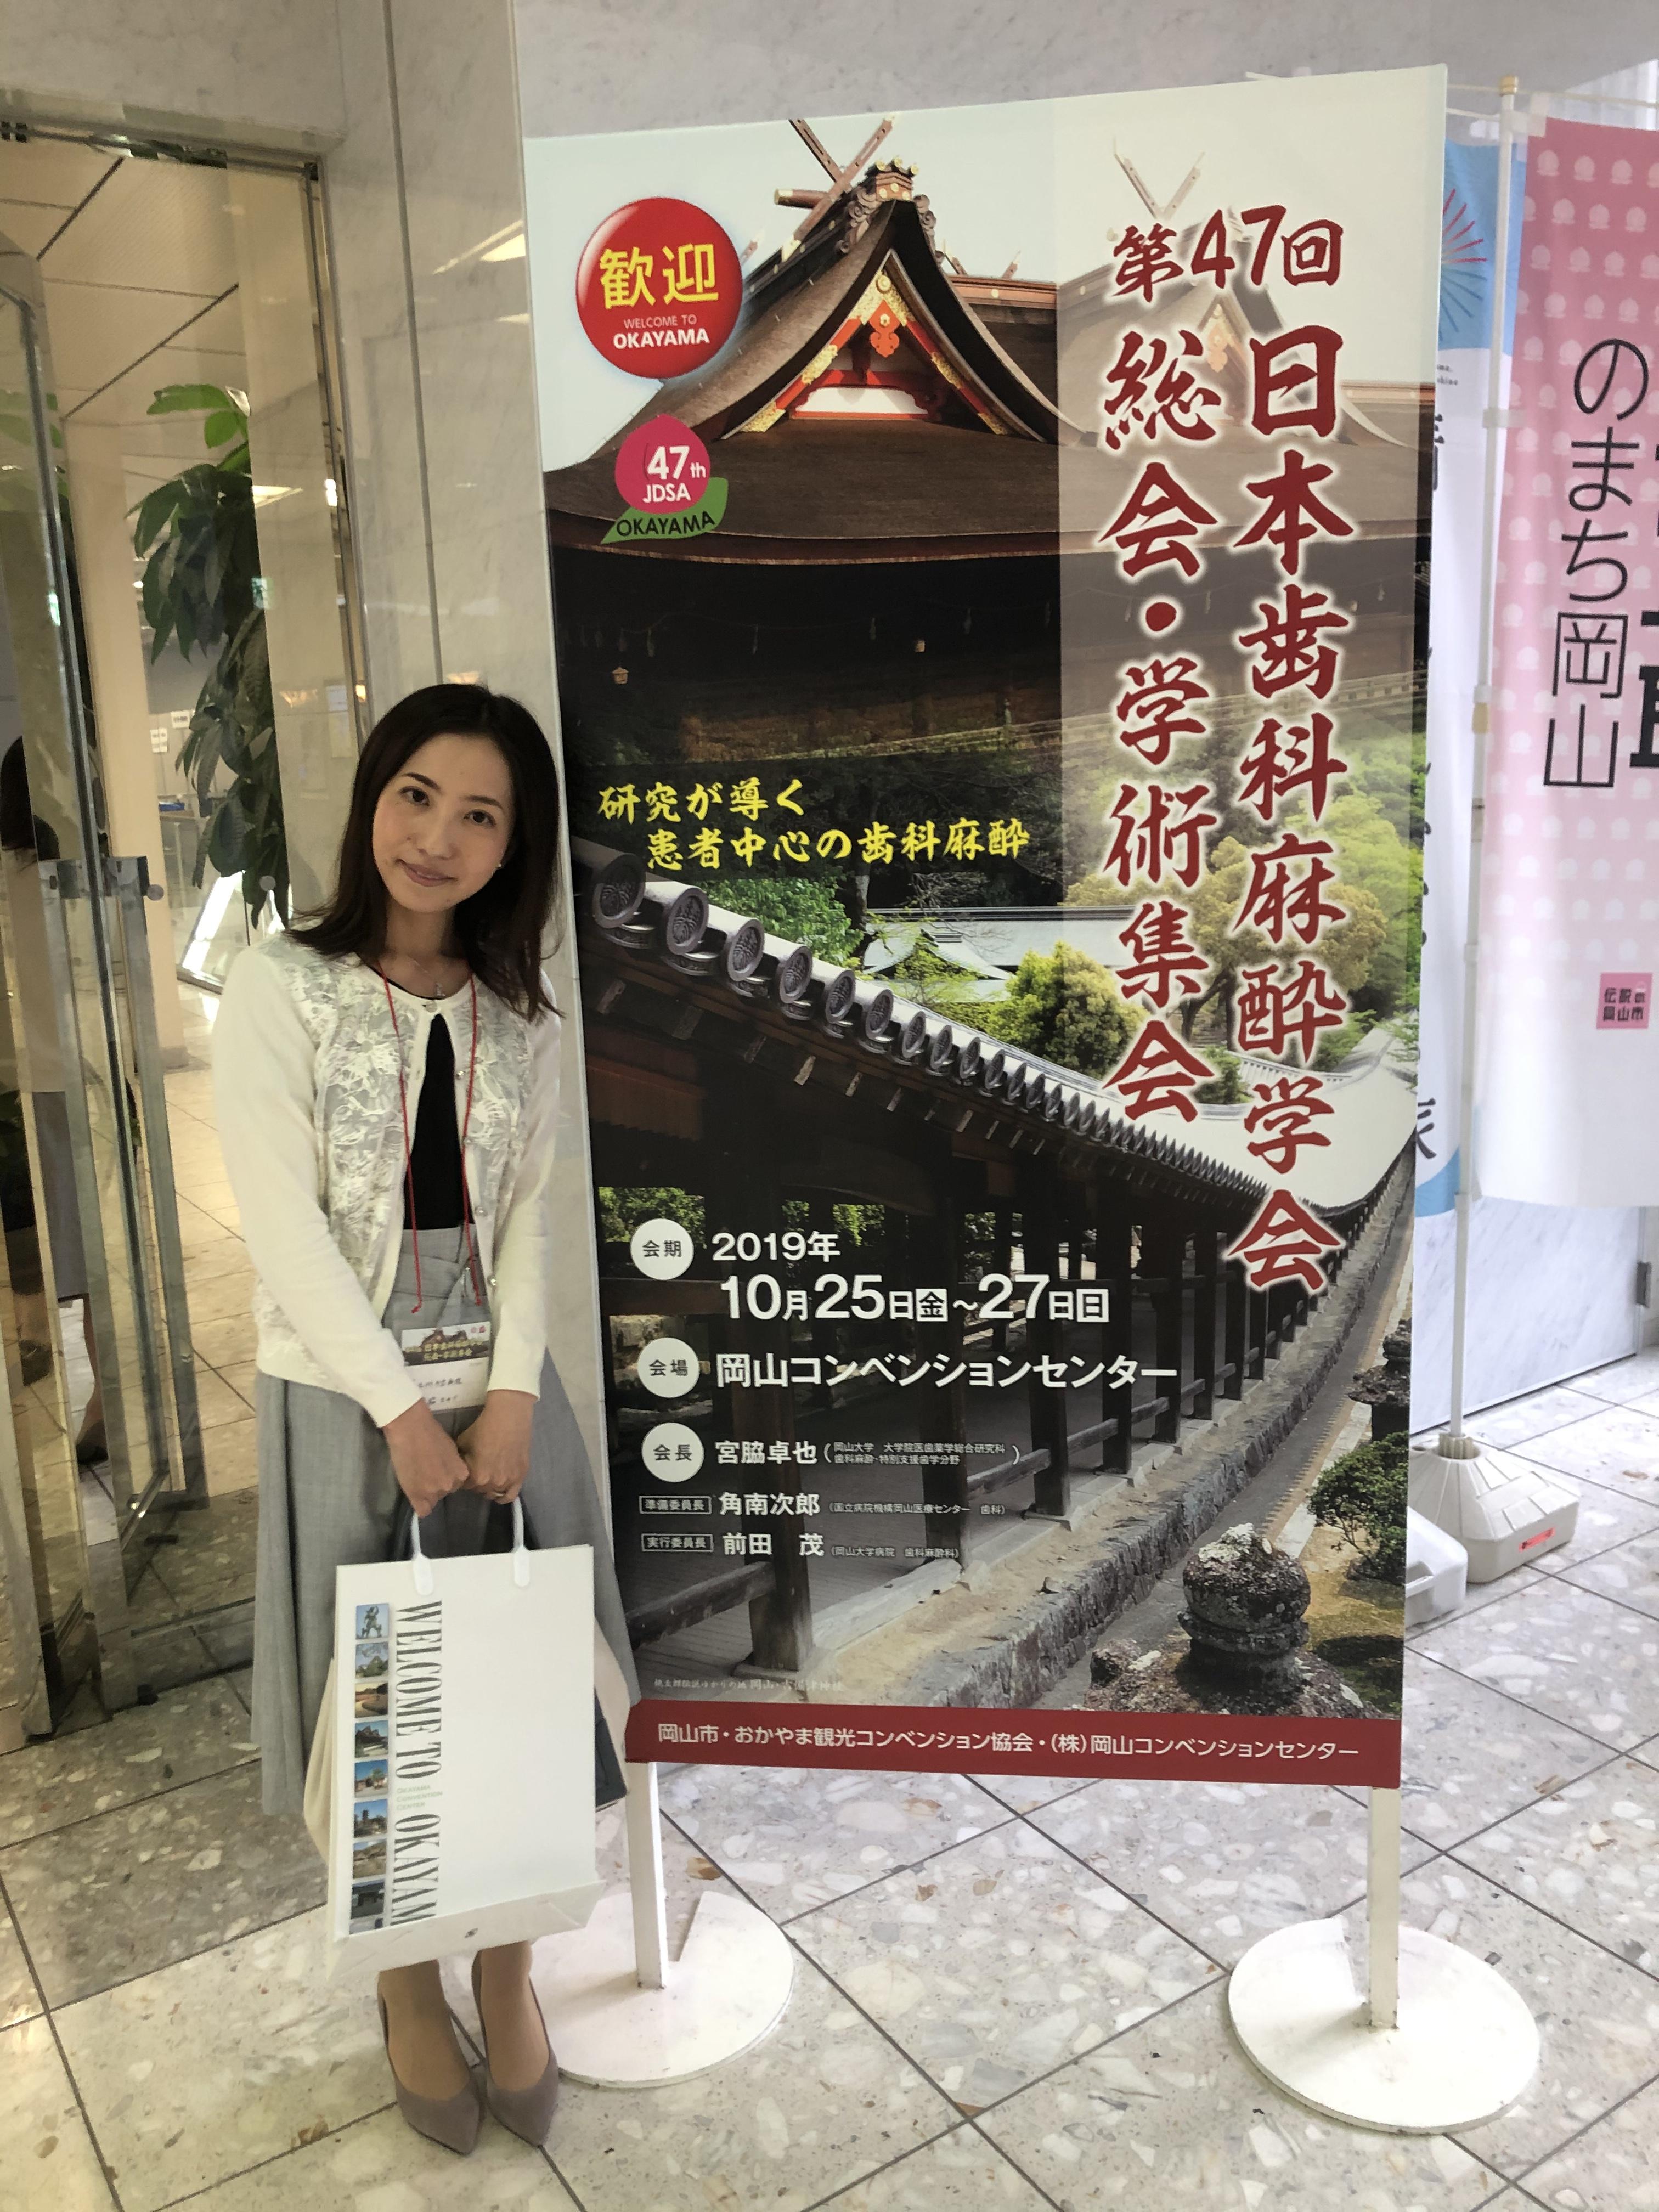 日本歯科麻酔学会に行ってきました。